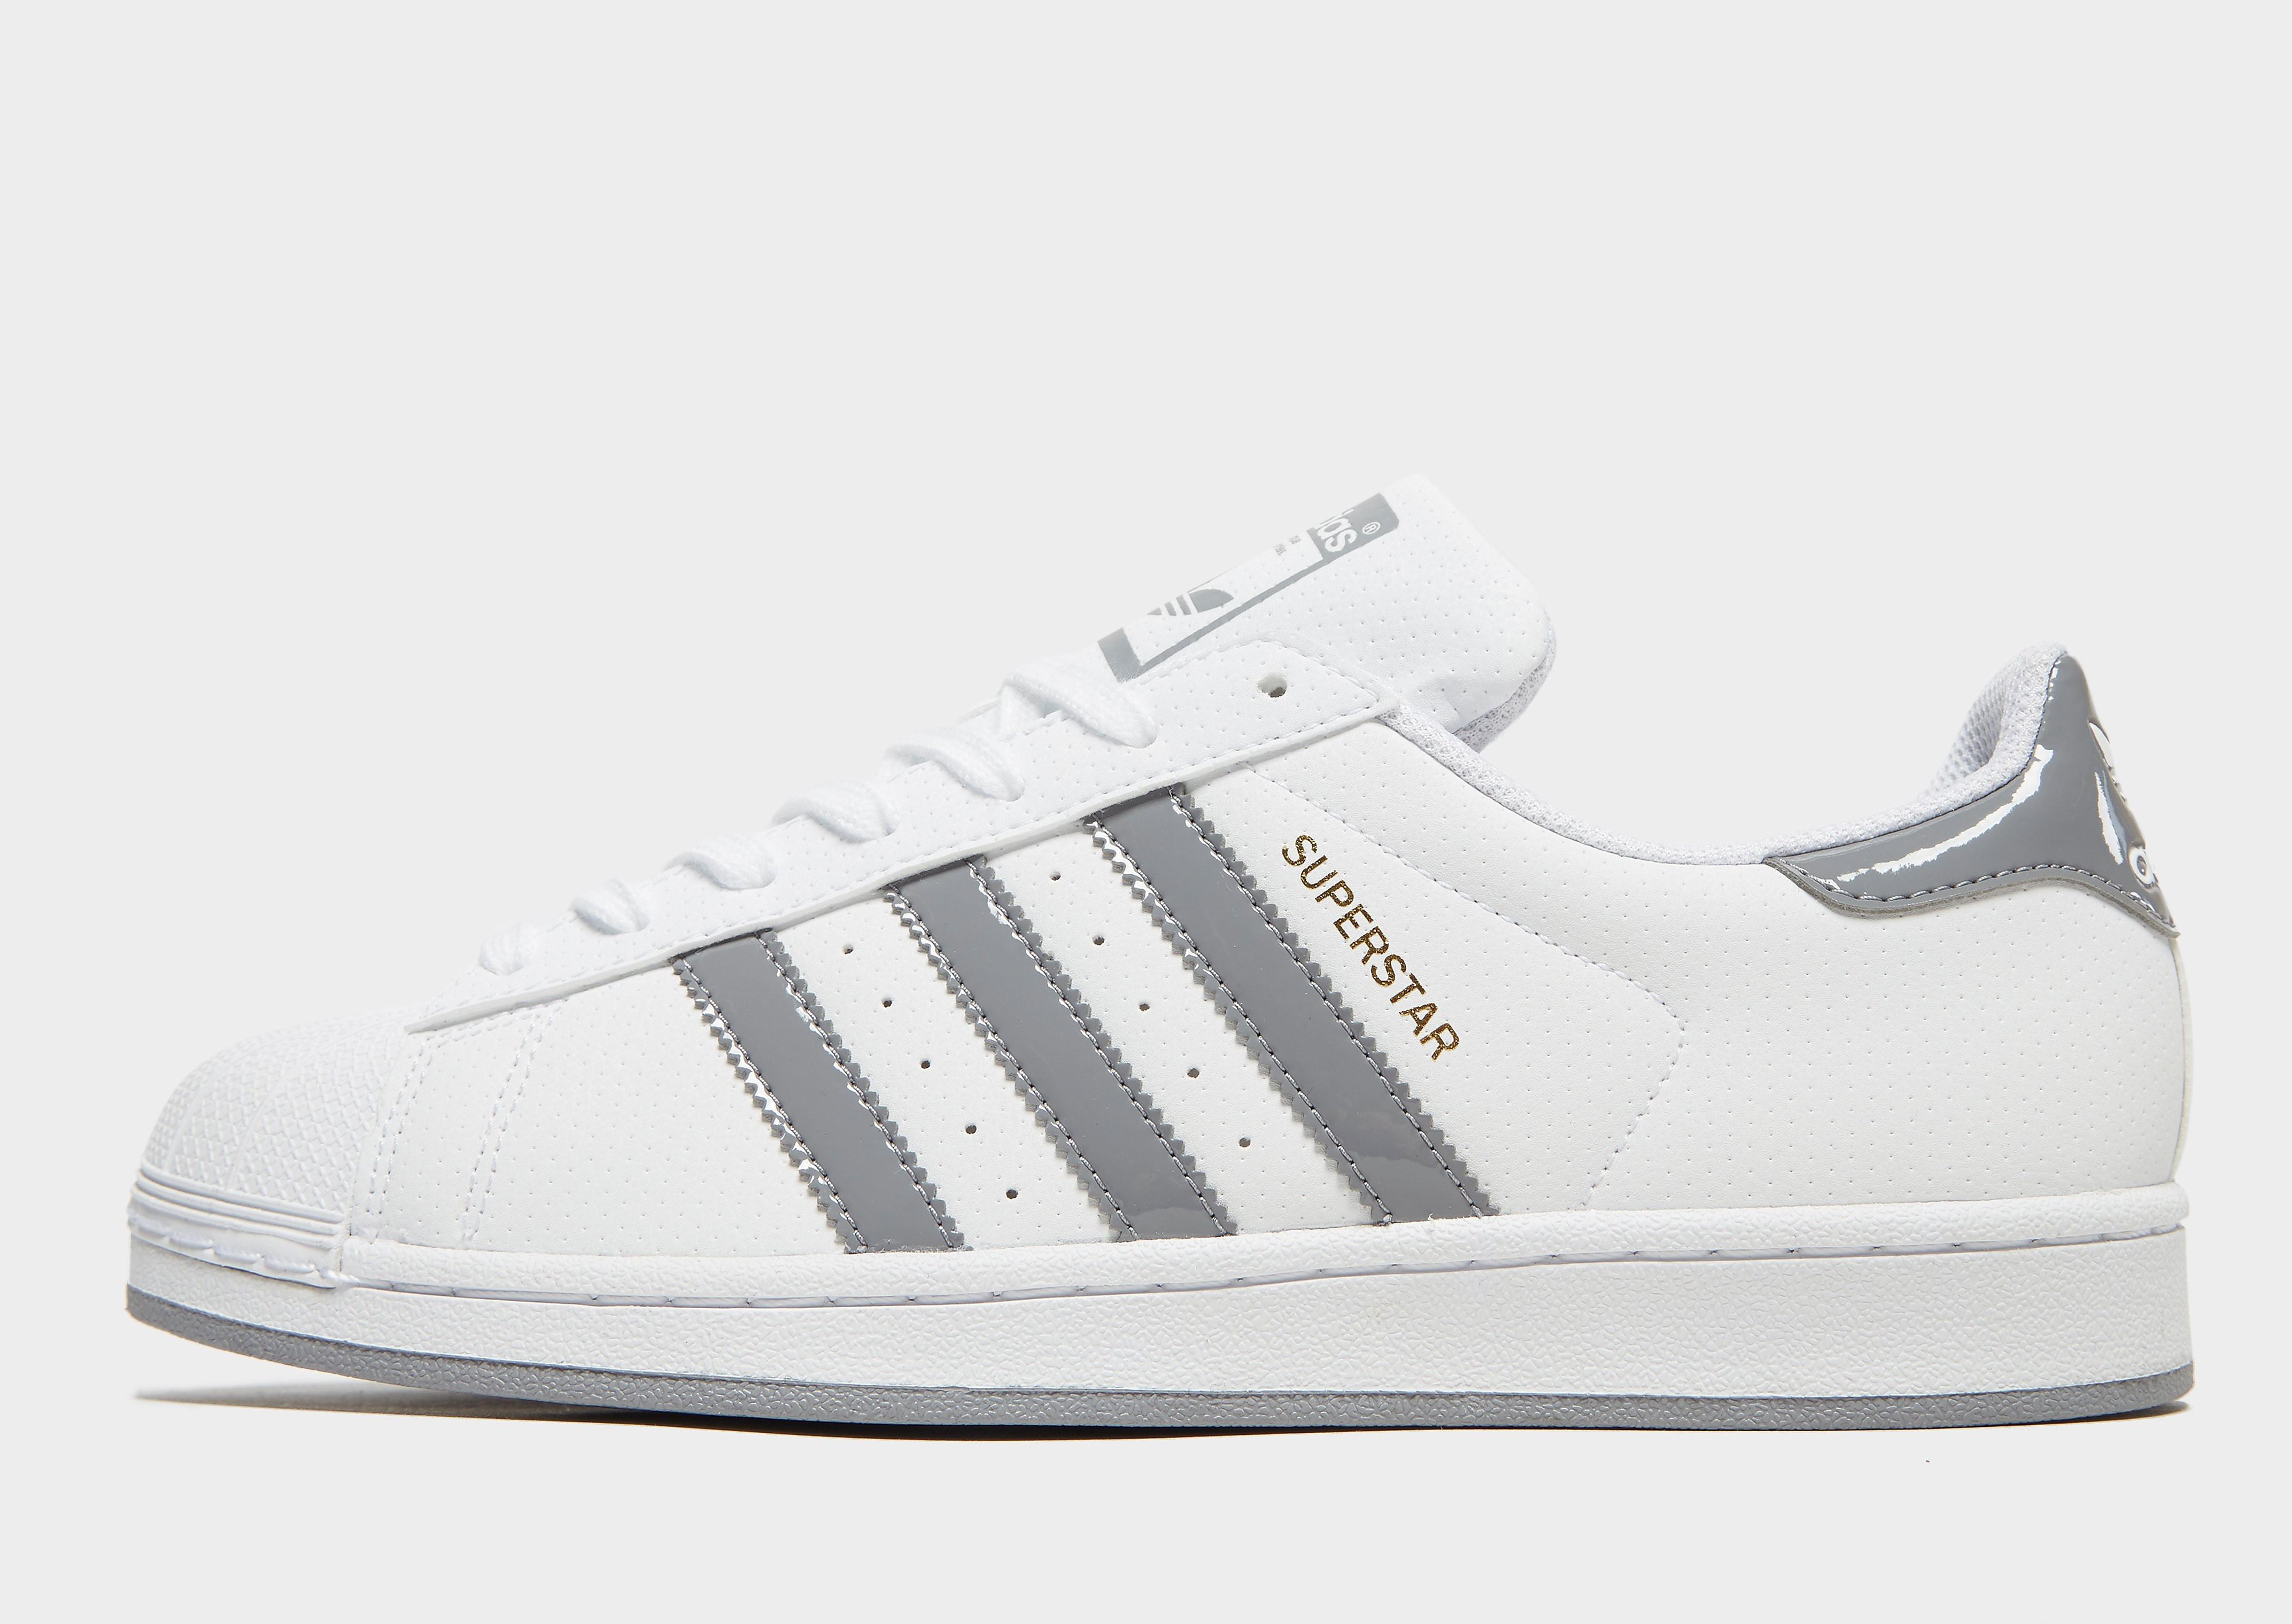 7f9438c72c8 Adidas Superstar sneakers kopen? | +500 modellen - theSneaker.nl